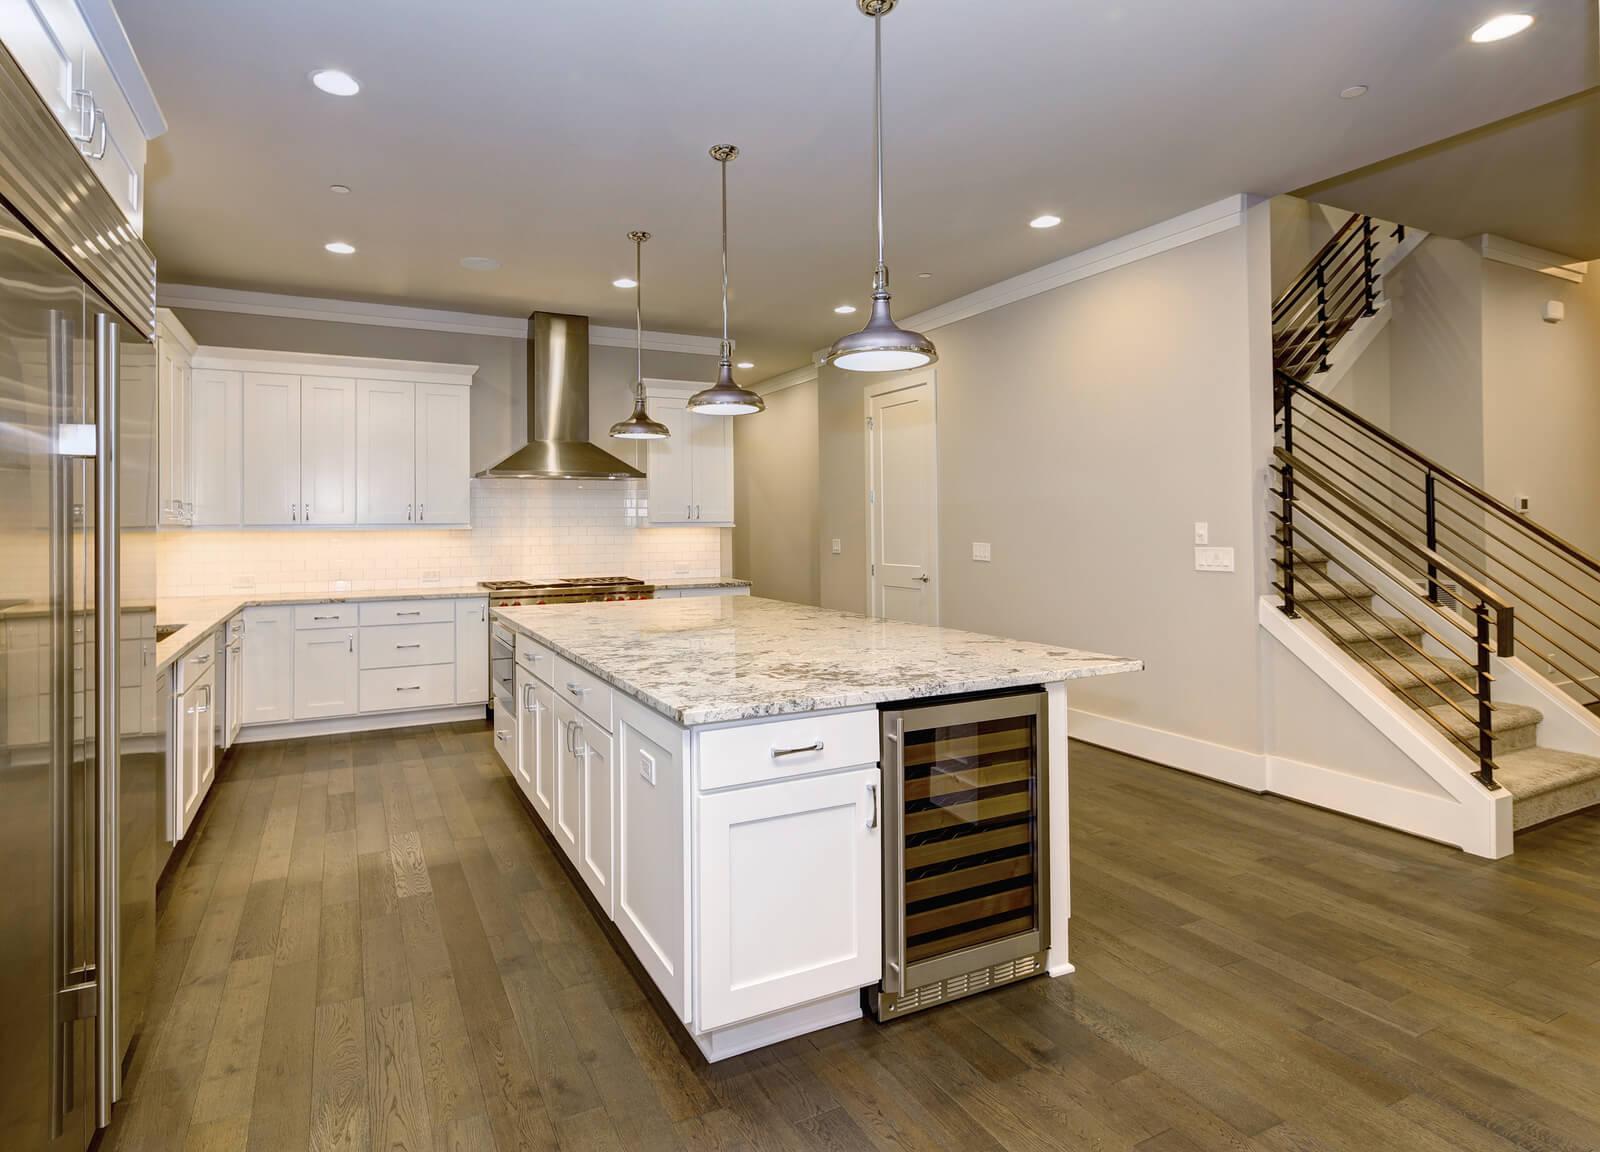 Top Kitchen Remodeling Trends | Longmont | KBC Remodeling Services